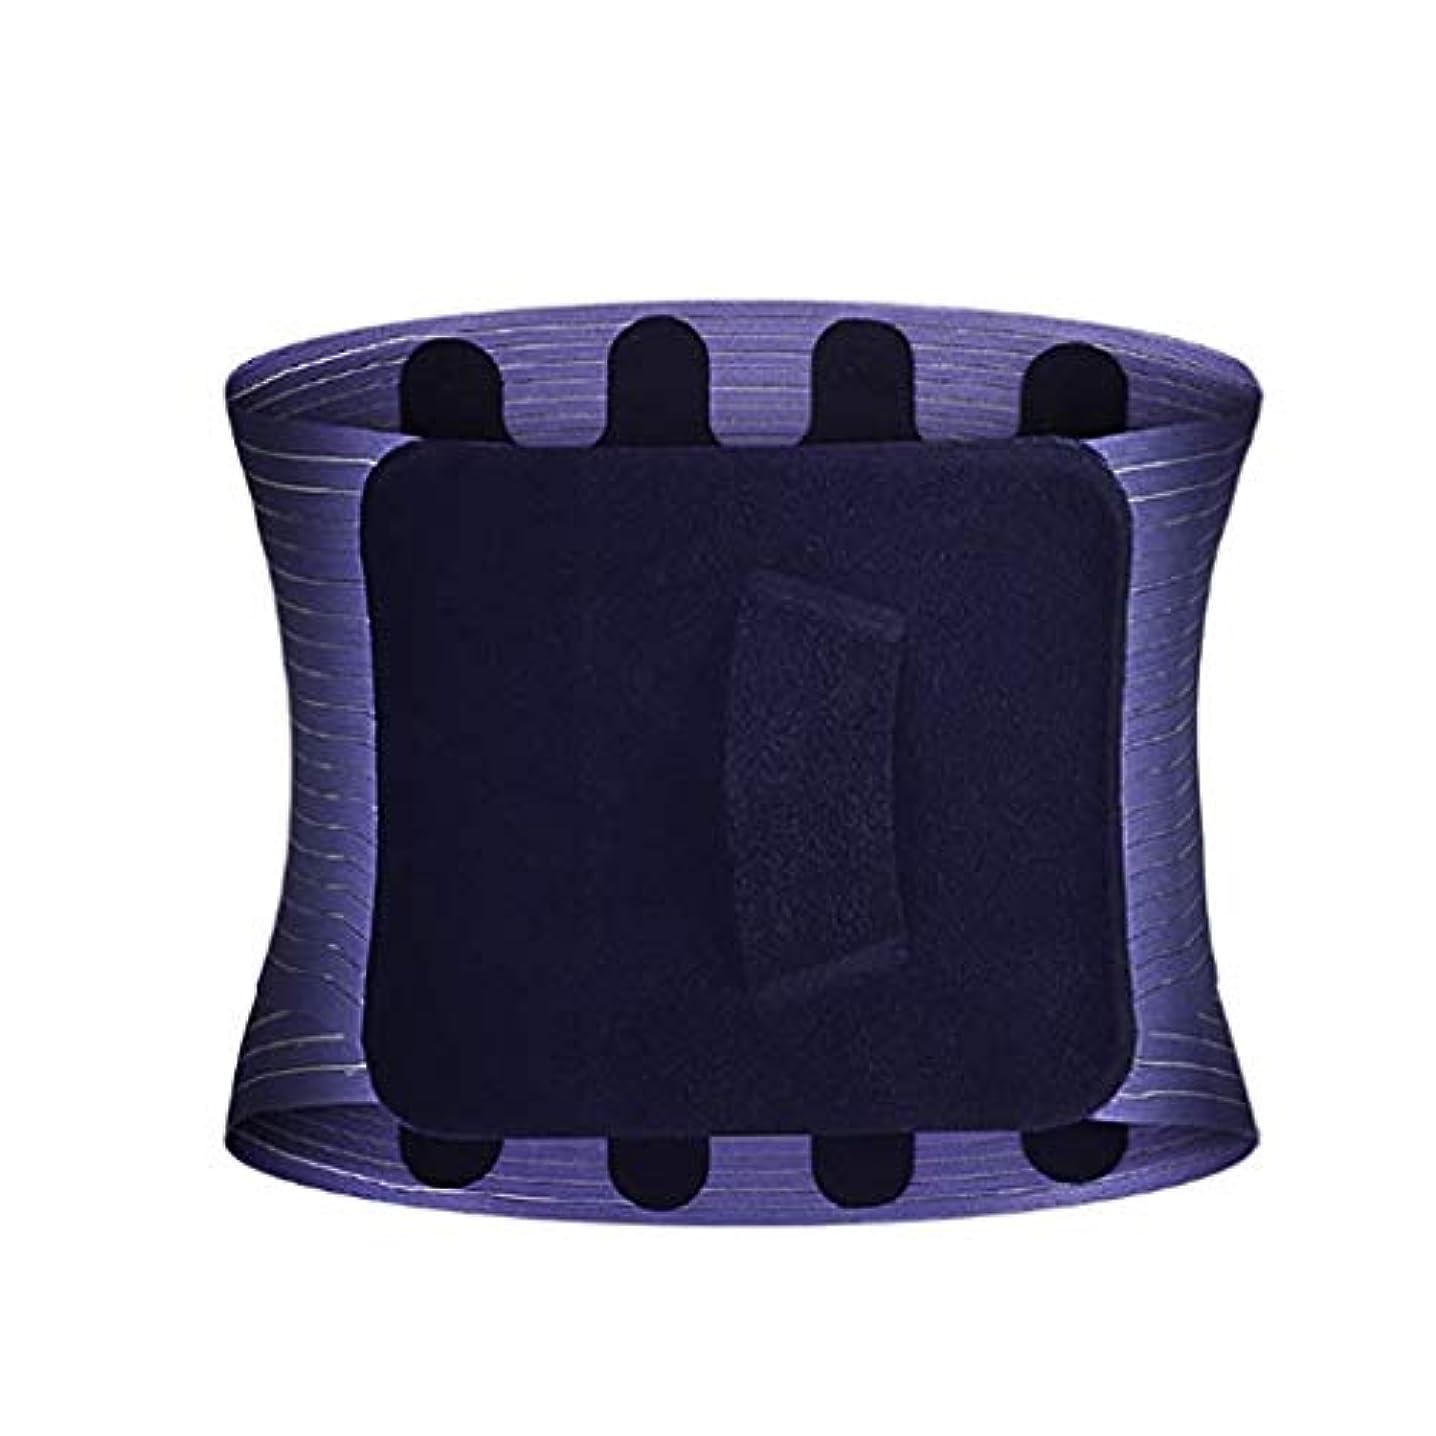 使役きらめきキャビンウエスト補正ベルト、バック/ウエスト暖かさ、ウエストサポートベルト、通気性ベルト、メンズと女性のフィットネスベルト、ワーキング/スポーツ/フィットネスに適した、痛みを緩和、防止けが (Color : 黒, Size : L)